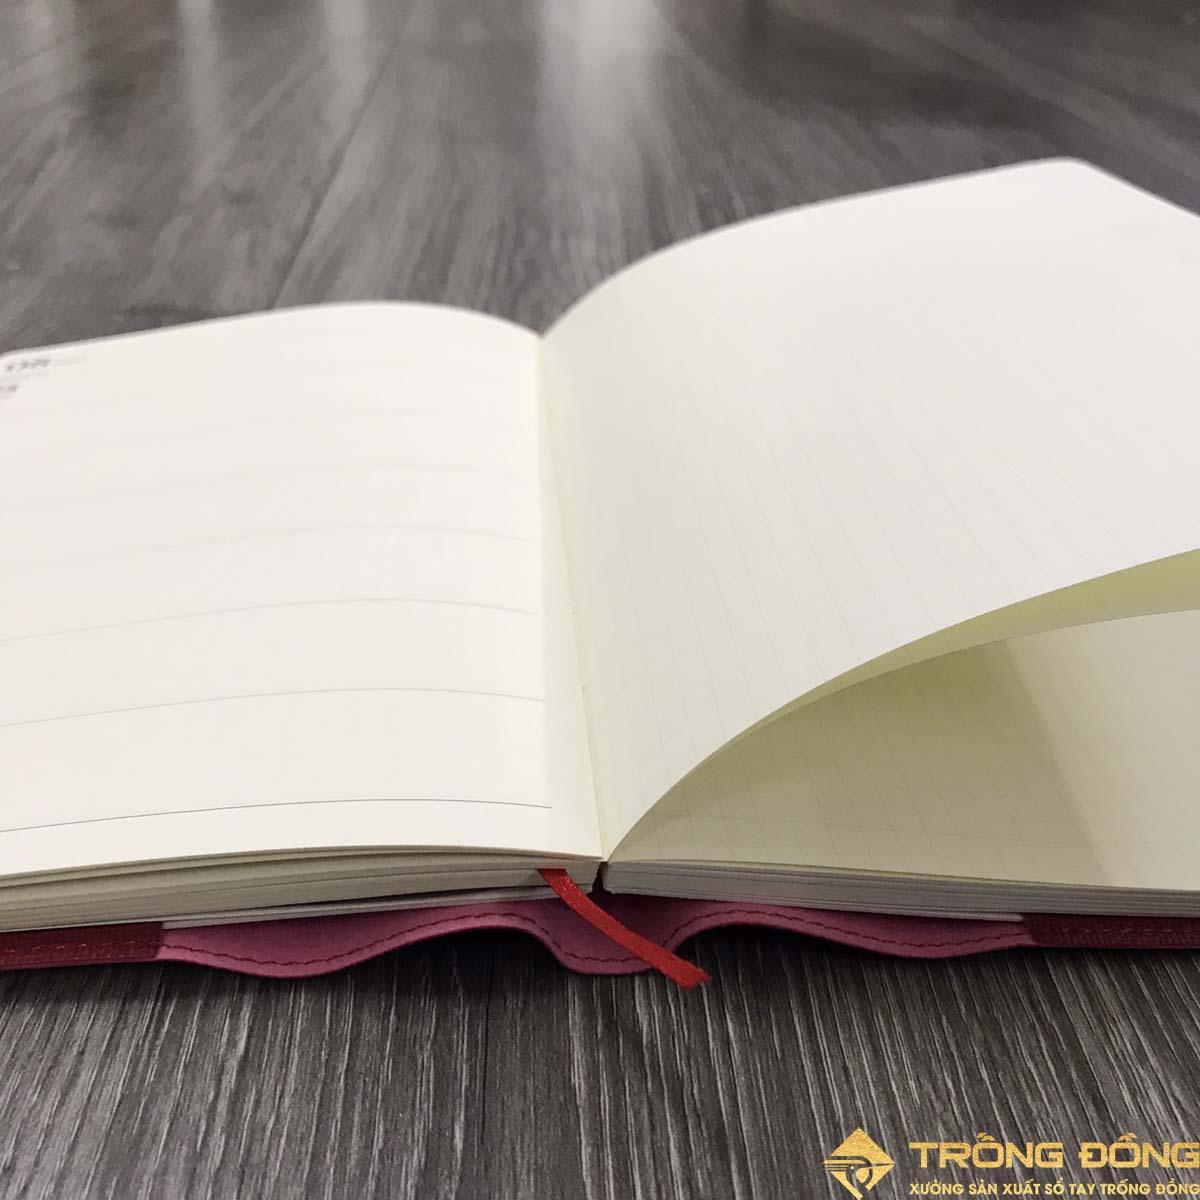 Phần ruột sổ dán gáy của mẫu sổ da bìa nhét SDTĐ 06